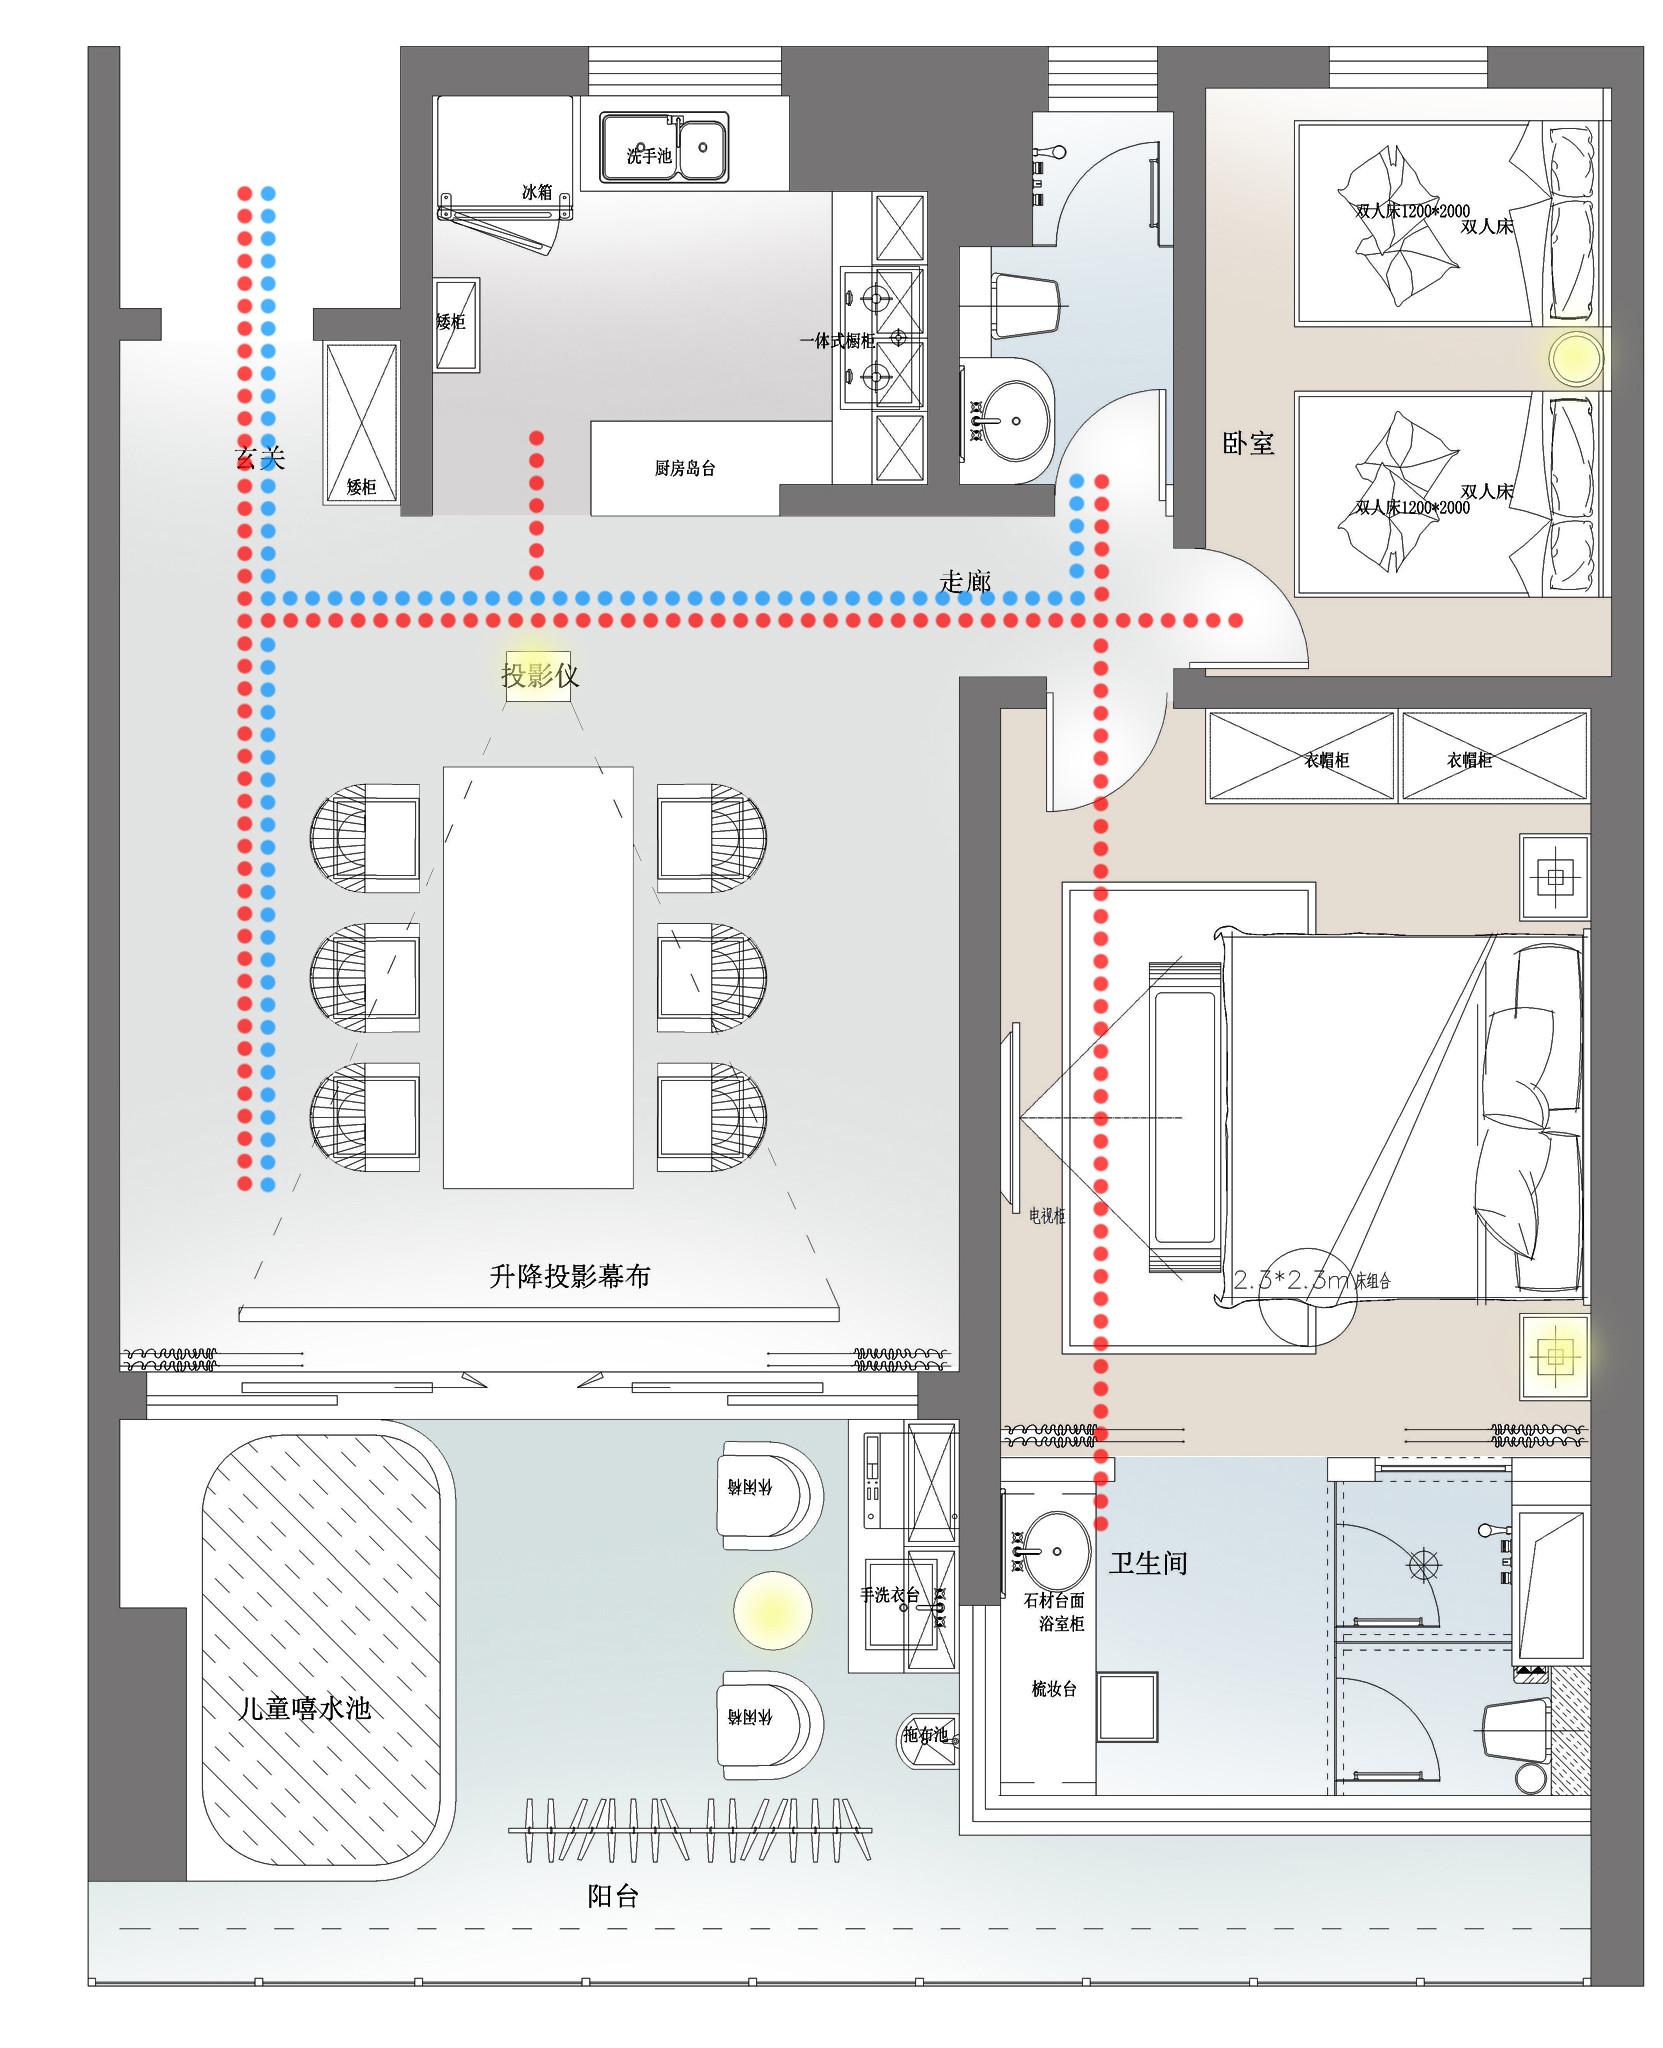 半山半岛-简约风格-100平米装修设计理念